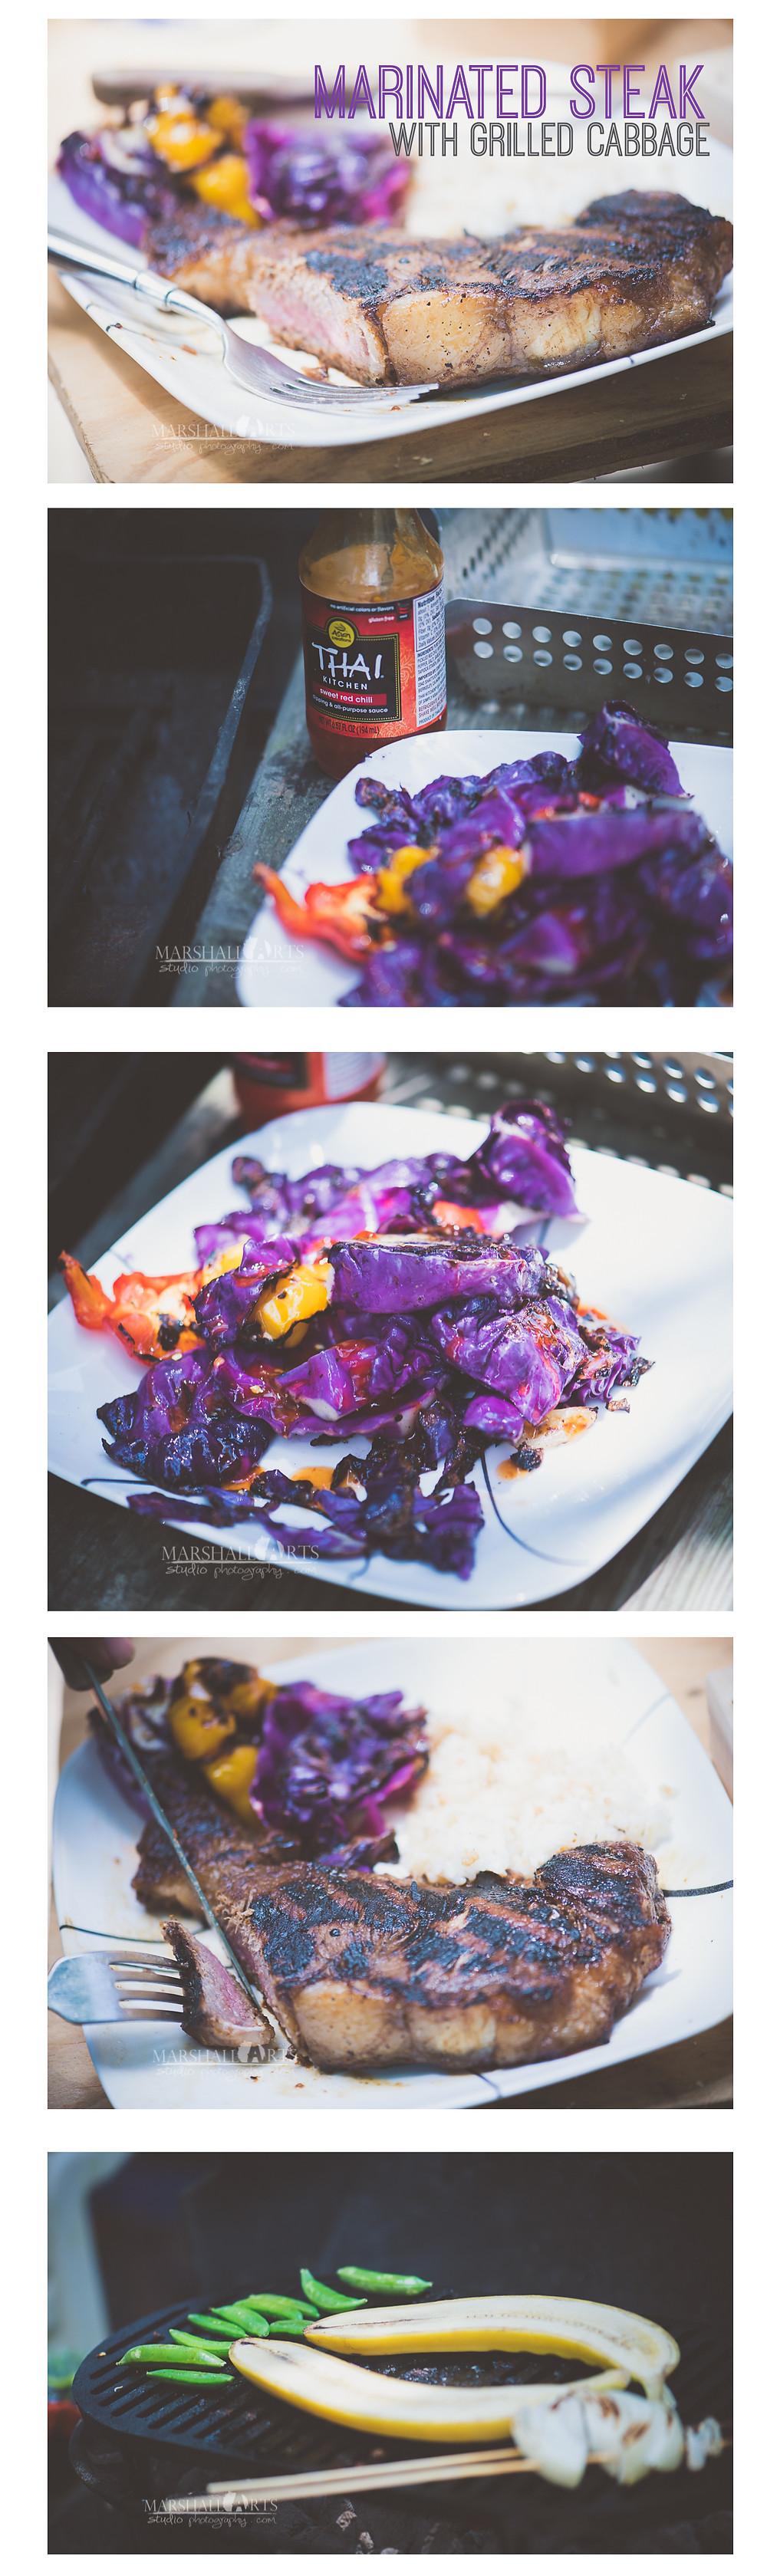 food-2-01.jpg